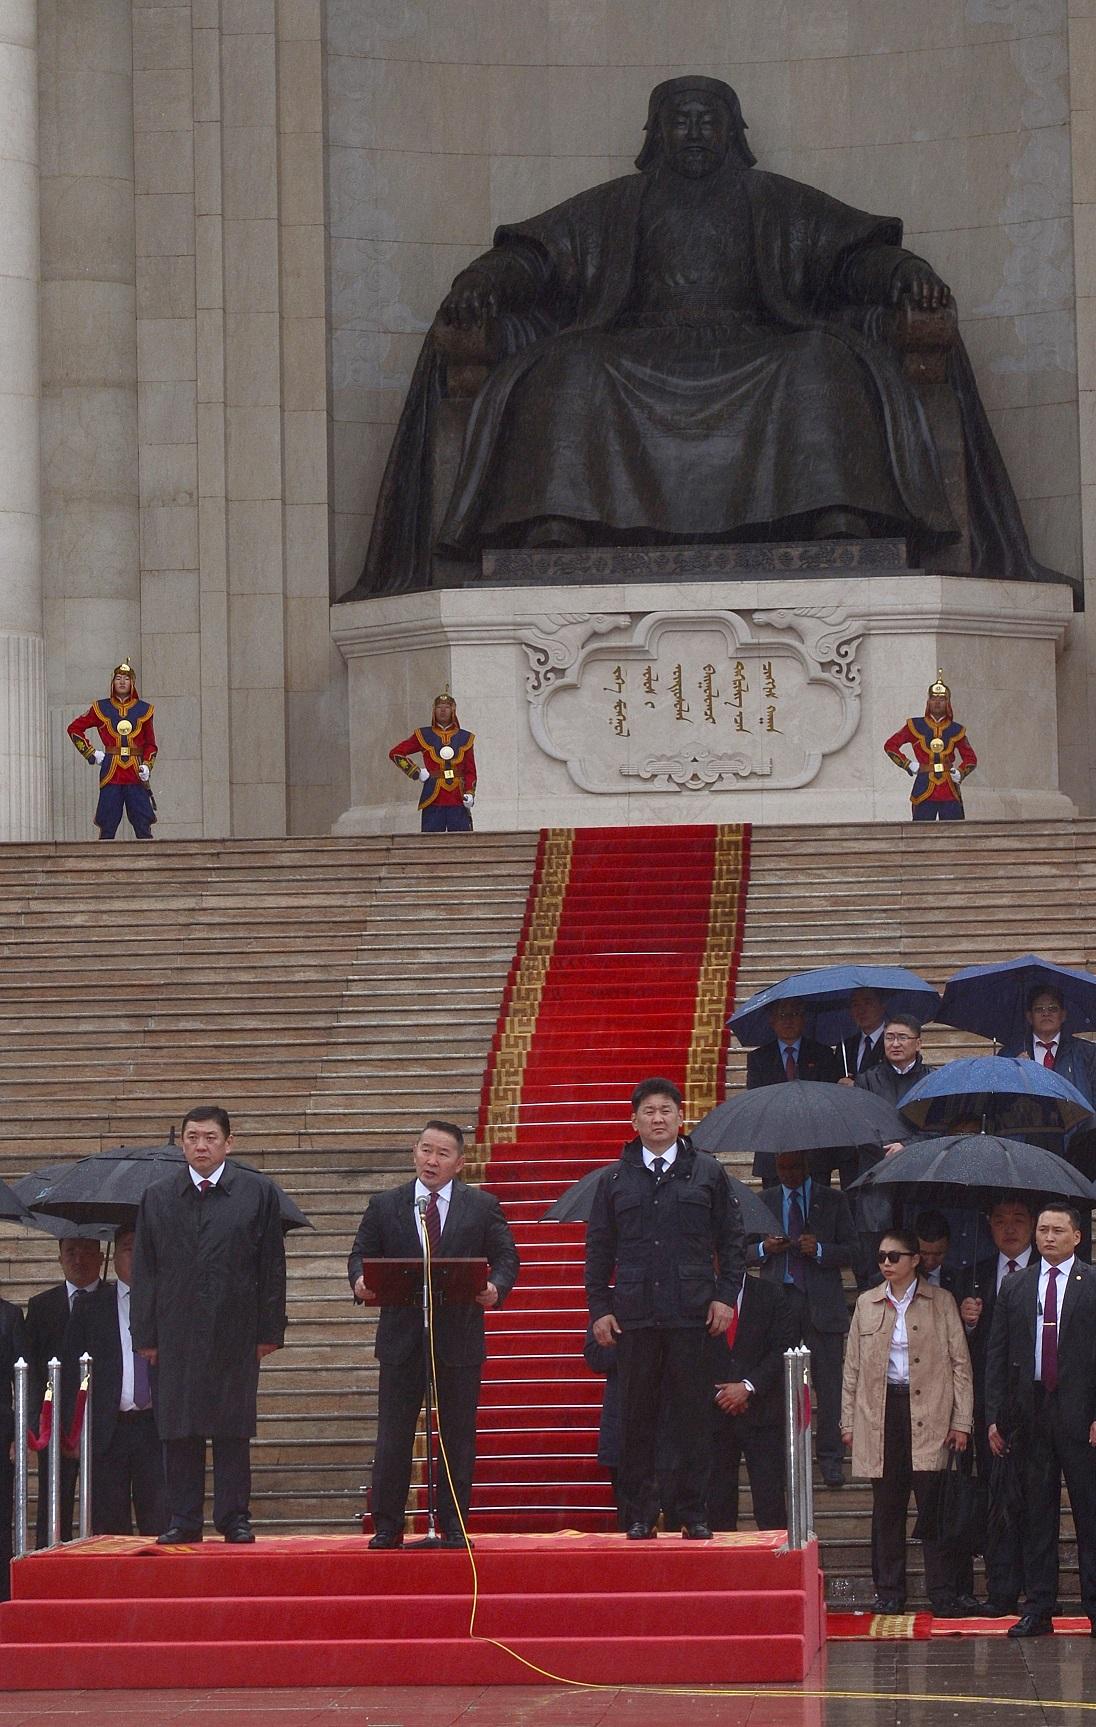 Монгол Улсын Ерөнхийлөгч, Зэвсэгт хүчний Ерөнхий командлагч Х.Баттулга Төрийн далбааны өдөрт зориулсан цэргийн ёслолын жагсаалын нээлтэд оролцож, үг хэллээ